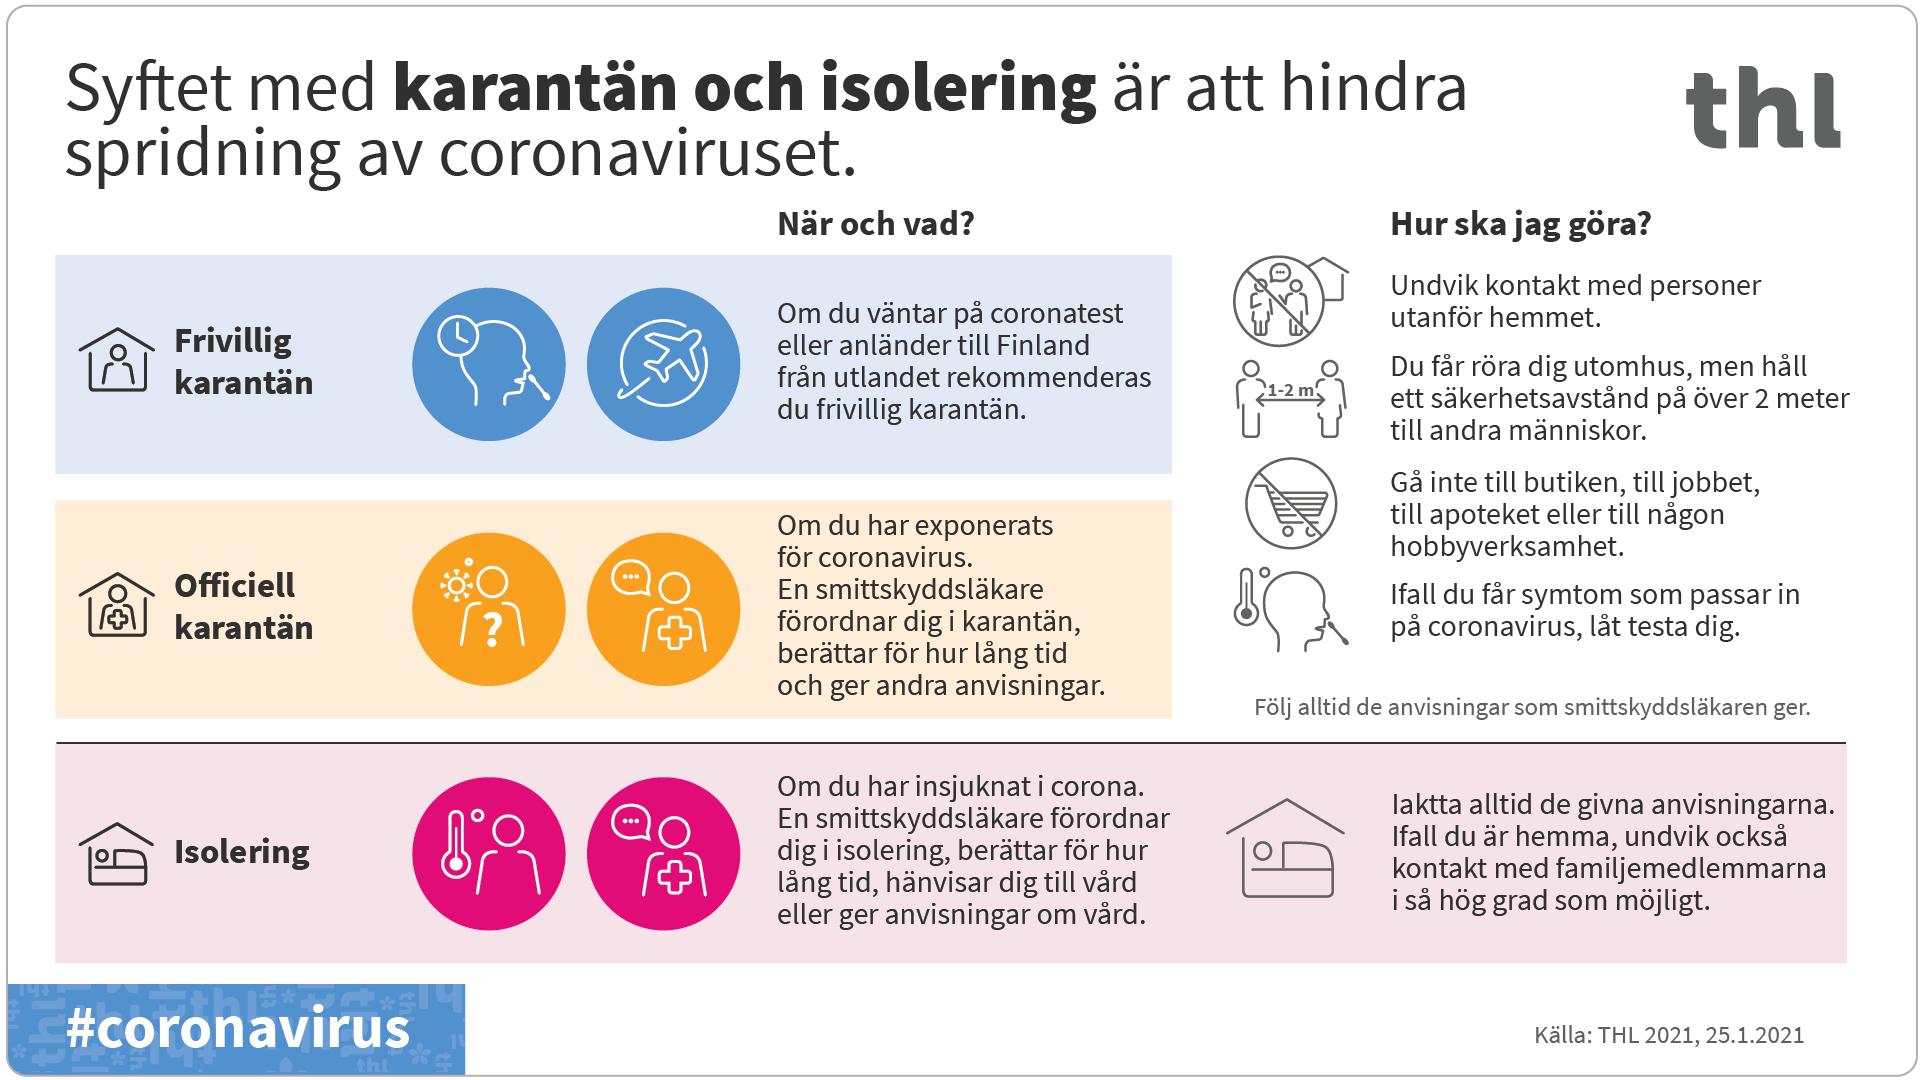 Information om karantän och isolering. Syftet med karantän och isolering är att hindra spridning av coronaviruset. Frivillig karantän: Om du väntär på coronatest eller anländer till Finland från utlandet rekommenderas du frivillig karantän. Officiel karantän: Om du har exponerats för coronavirus. En smittskyddsläkare förordnar dig i karantän, berättar för hur lång tid och ger andra anvisningar. Isolering: Om du har insjuknat i corona. En smittskyddsläkare förordnar dig i isolering, berättar för hur lång tid, hänvisar dig till vård eller ger anvisningar om vård.